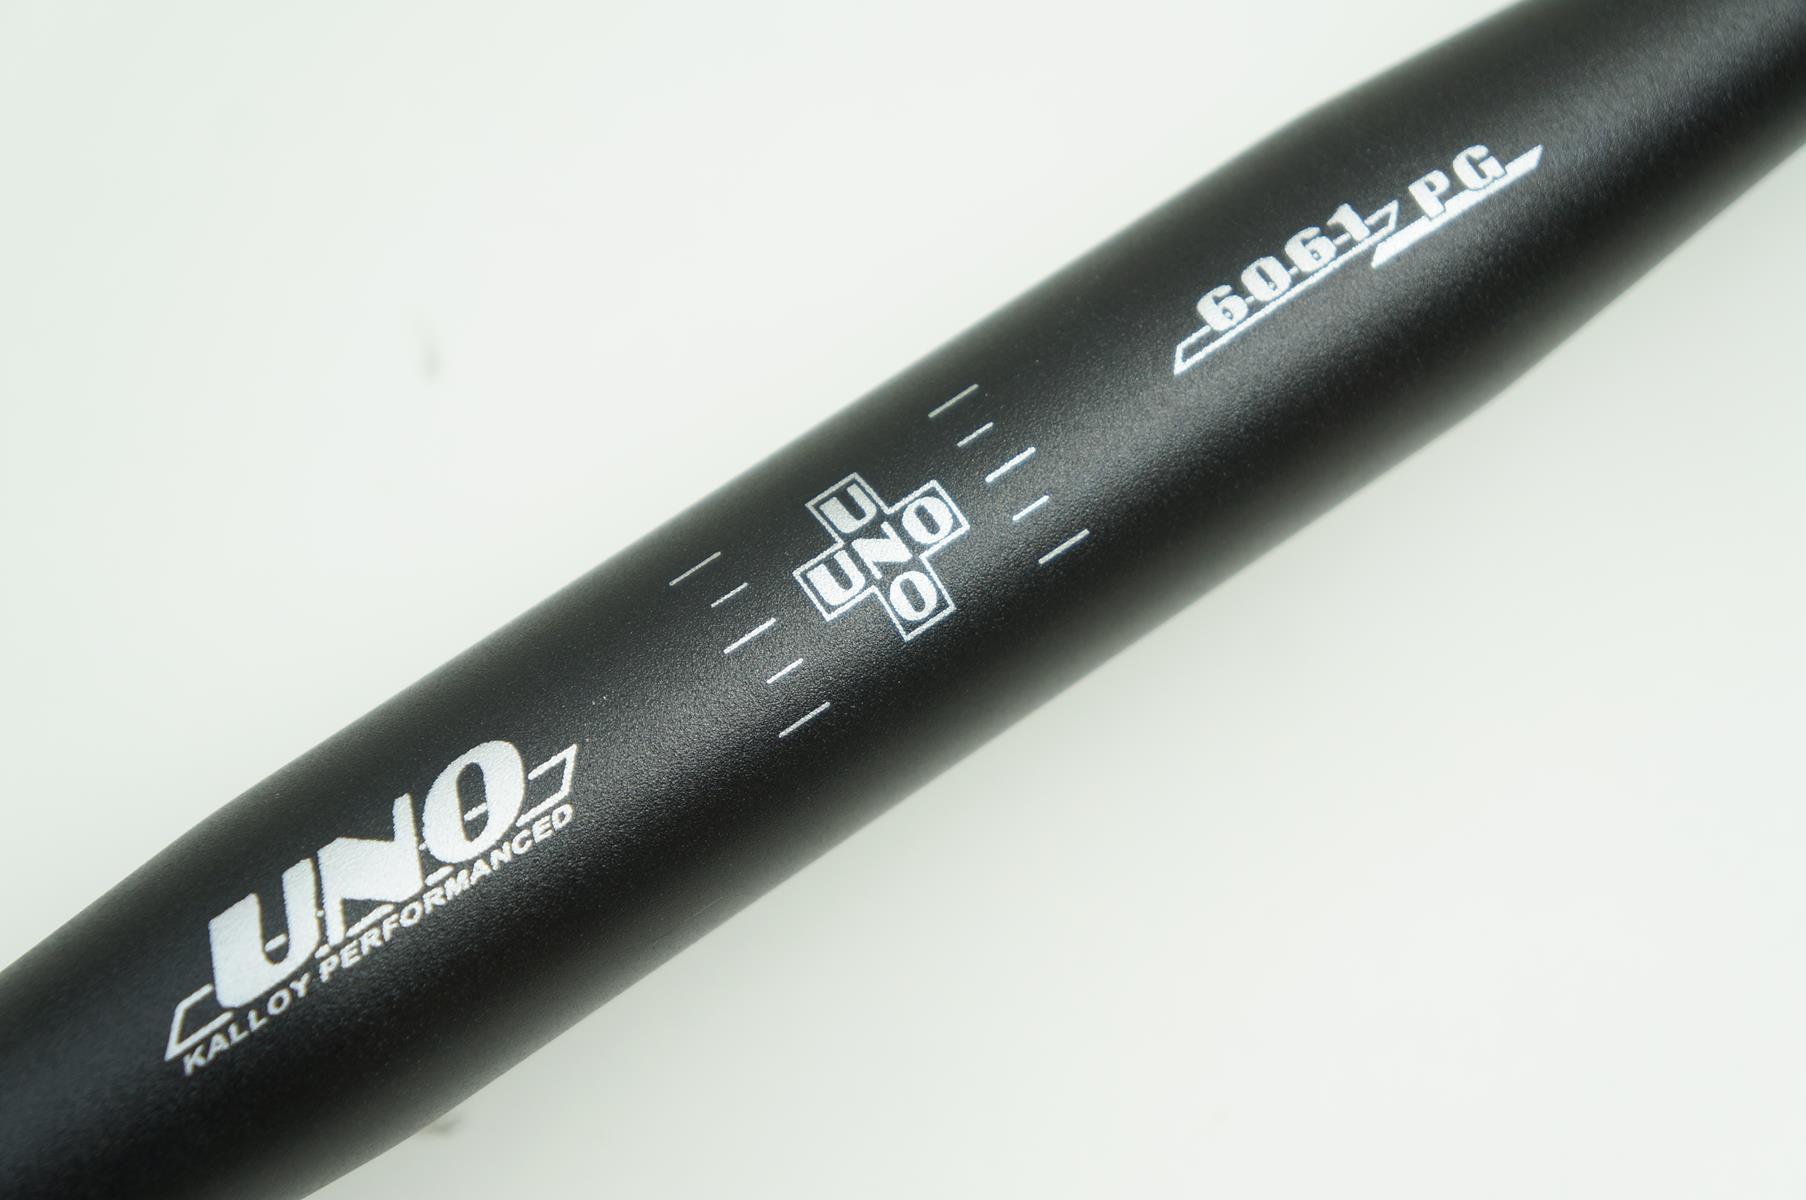 Guidão Bicicleta Speed Uno 440mm 31.8mm Preto em Alumínio 6061